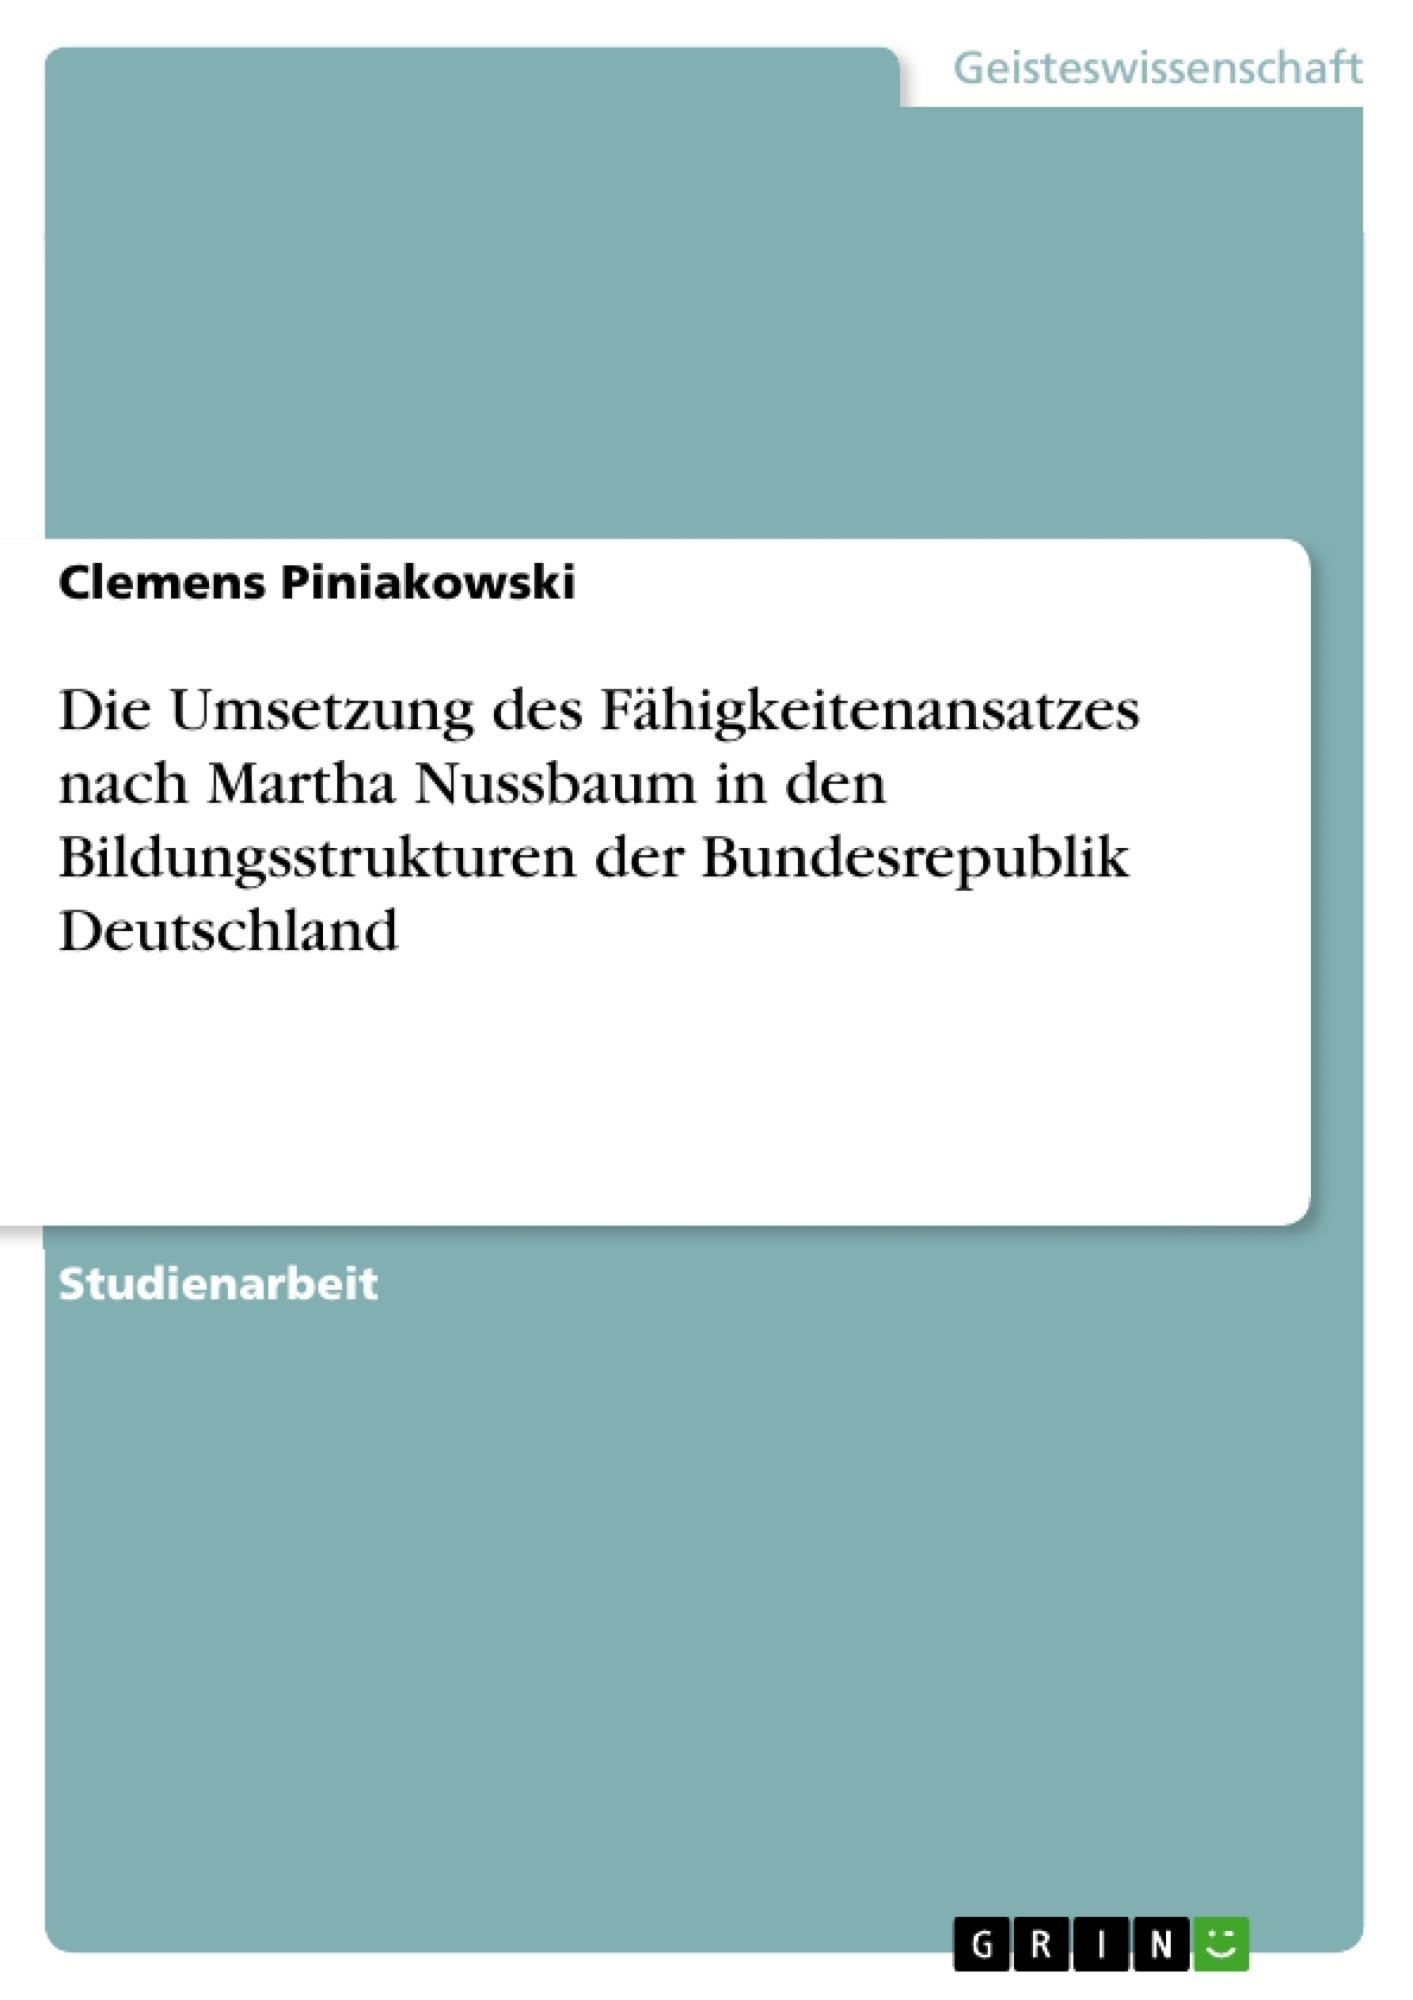 Titel: Die Umsetzung des Fähigkeitenansatzes nach Martha Nussbaum in den Bildungsstrukturen der Bundesrepublik Deutschland